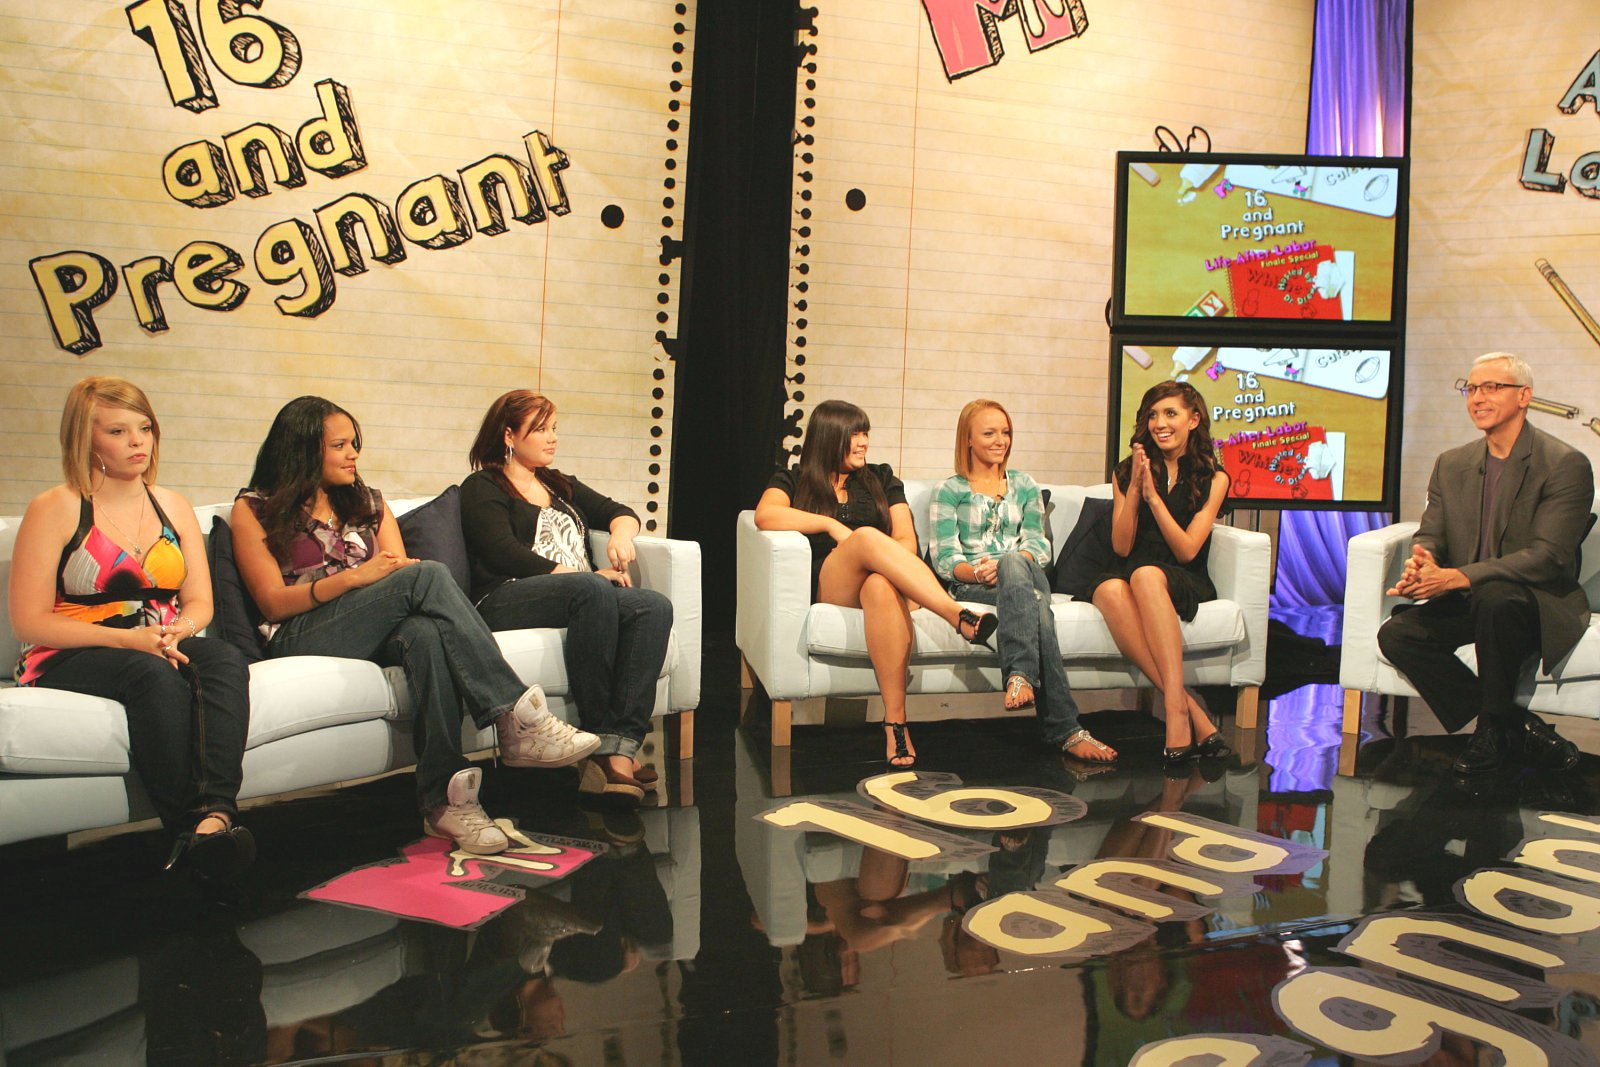 MTV transmite la serie 16 y Embarazada